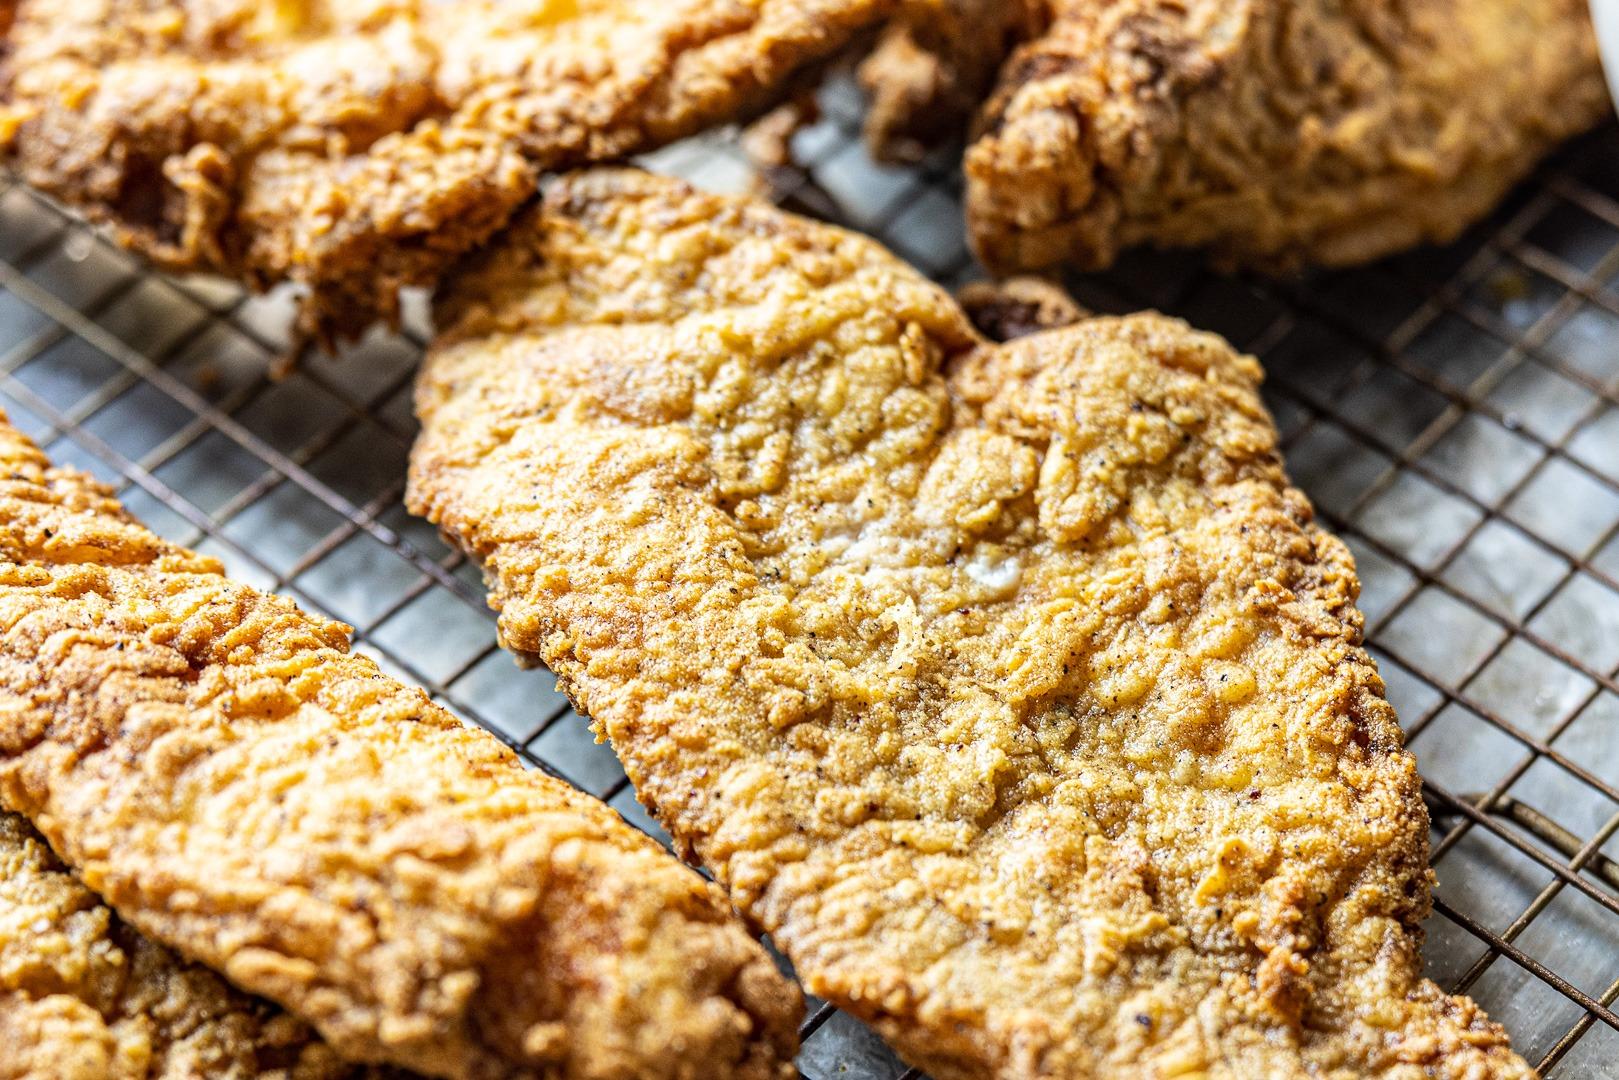 Fried catfish fillets